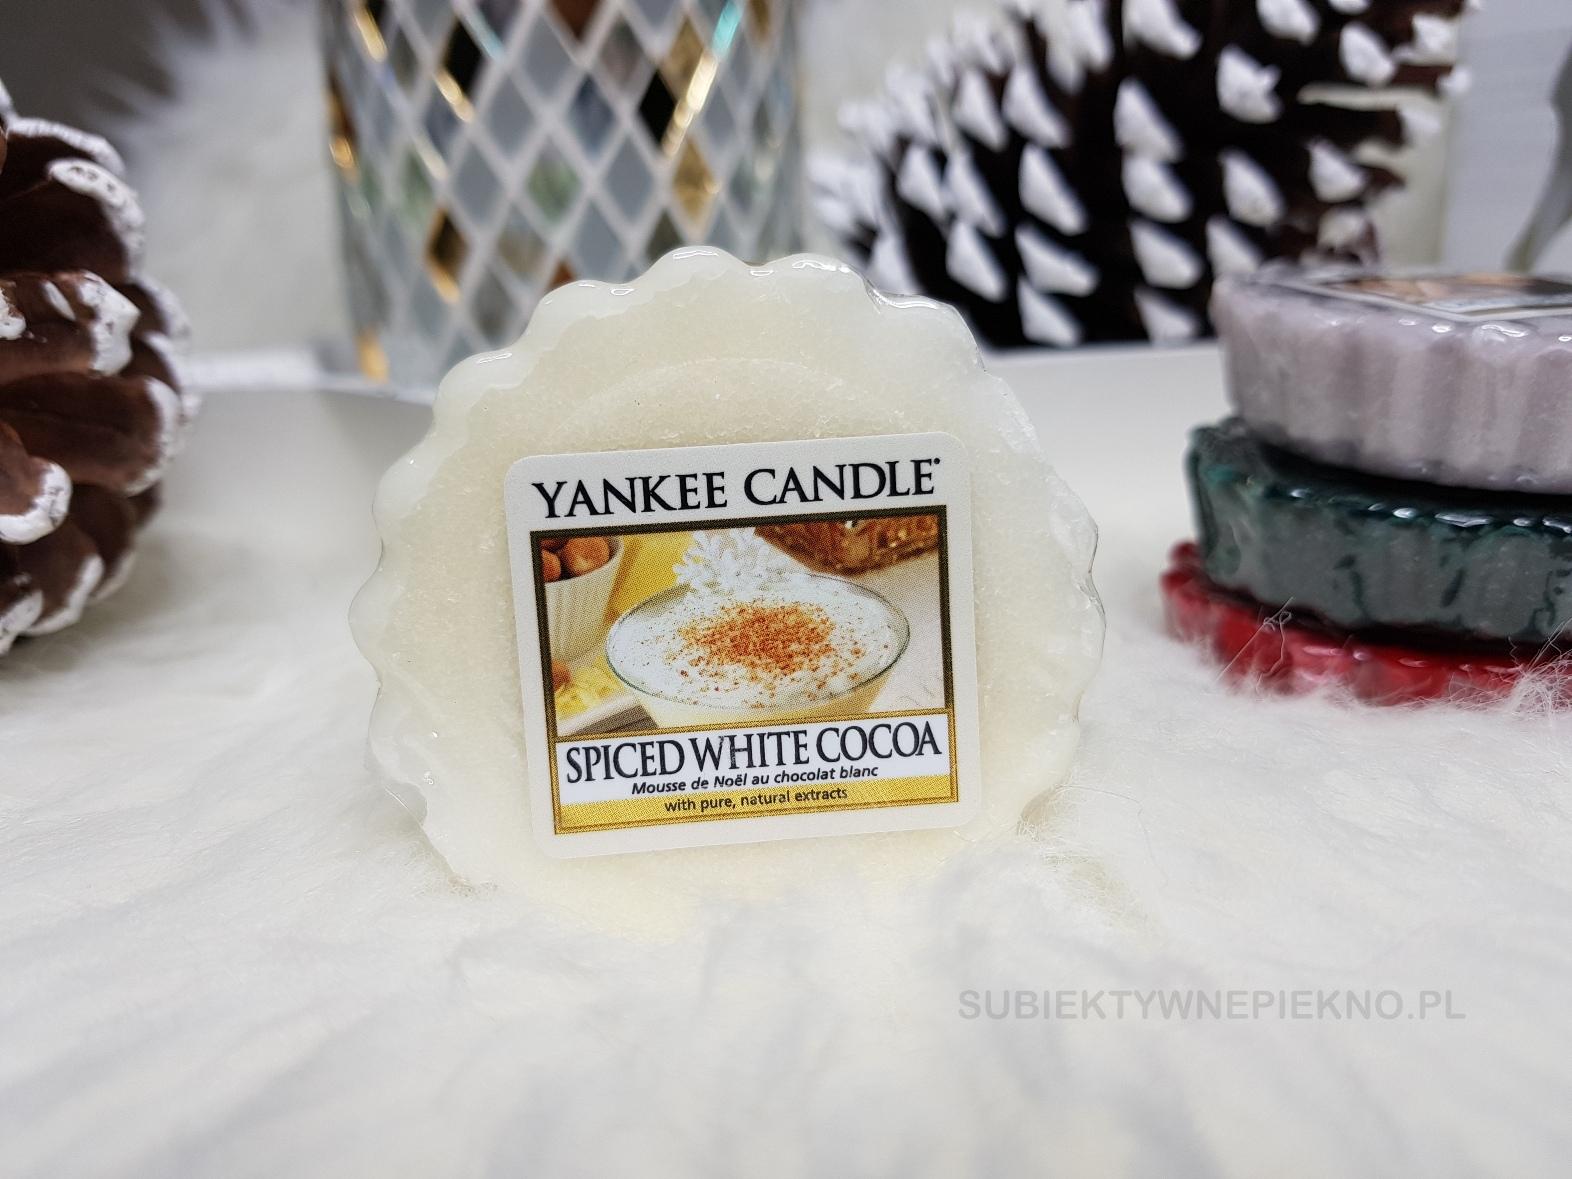 Spiced White Cocoa Yankee Candle | kolekcja zimowa Q4 2017